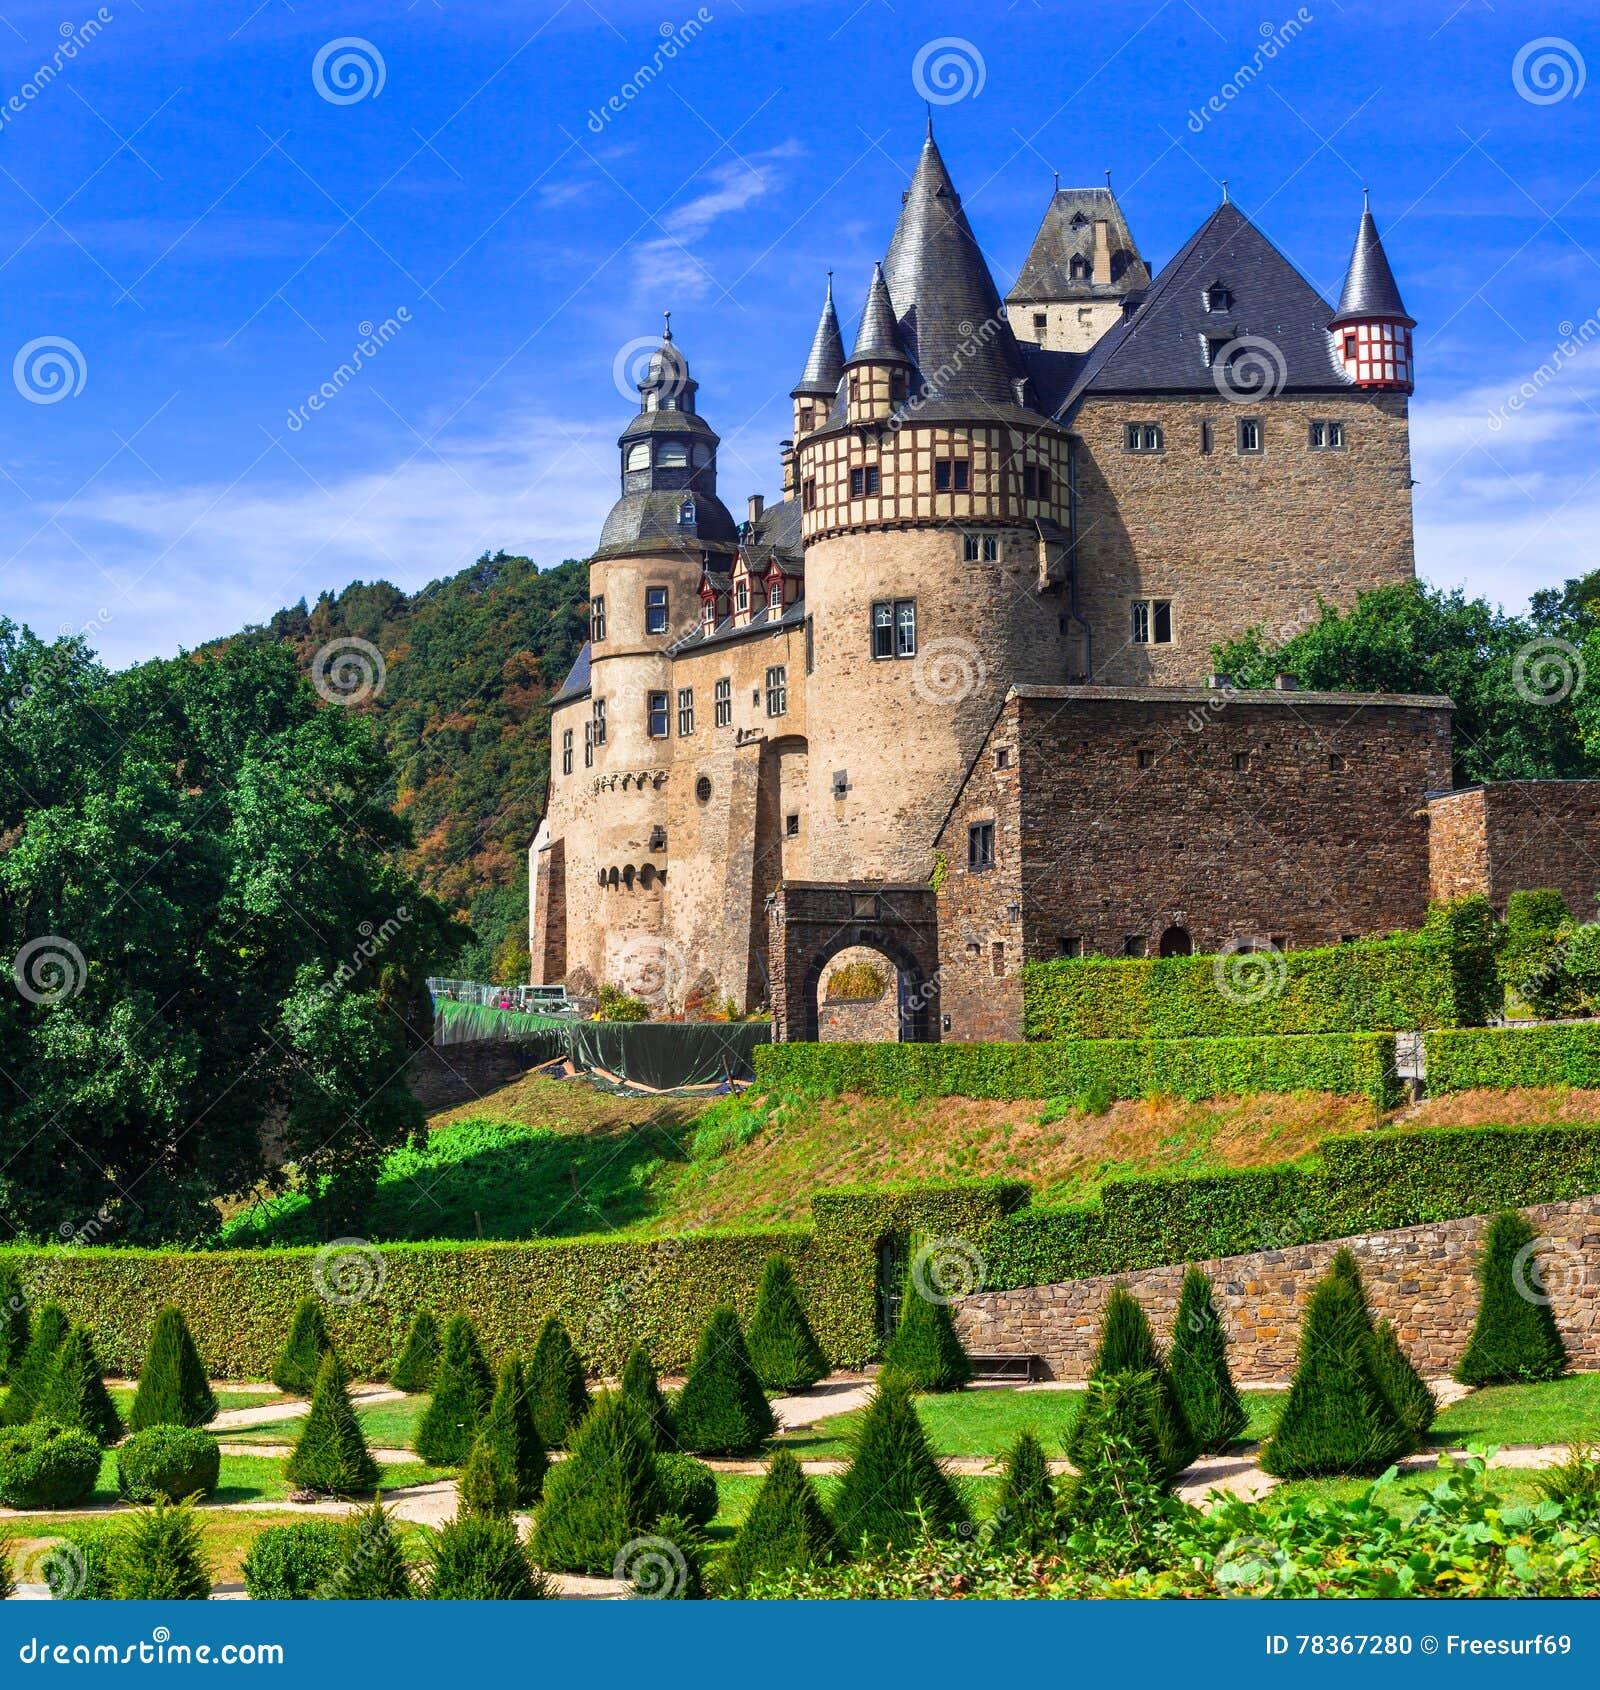 Middeleeuwse kastelen van Duitsland - Burresheim in Rijn valle